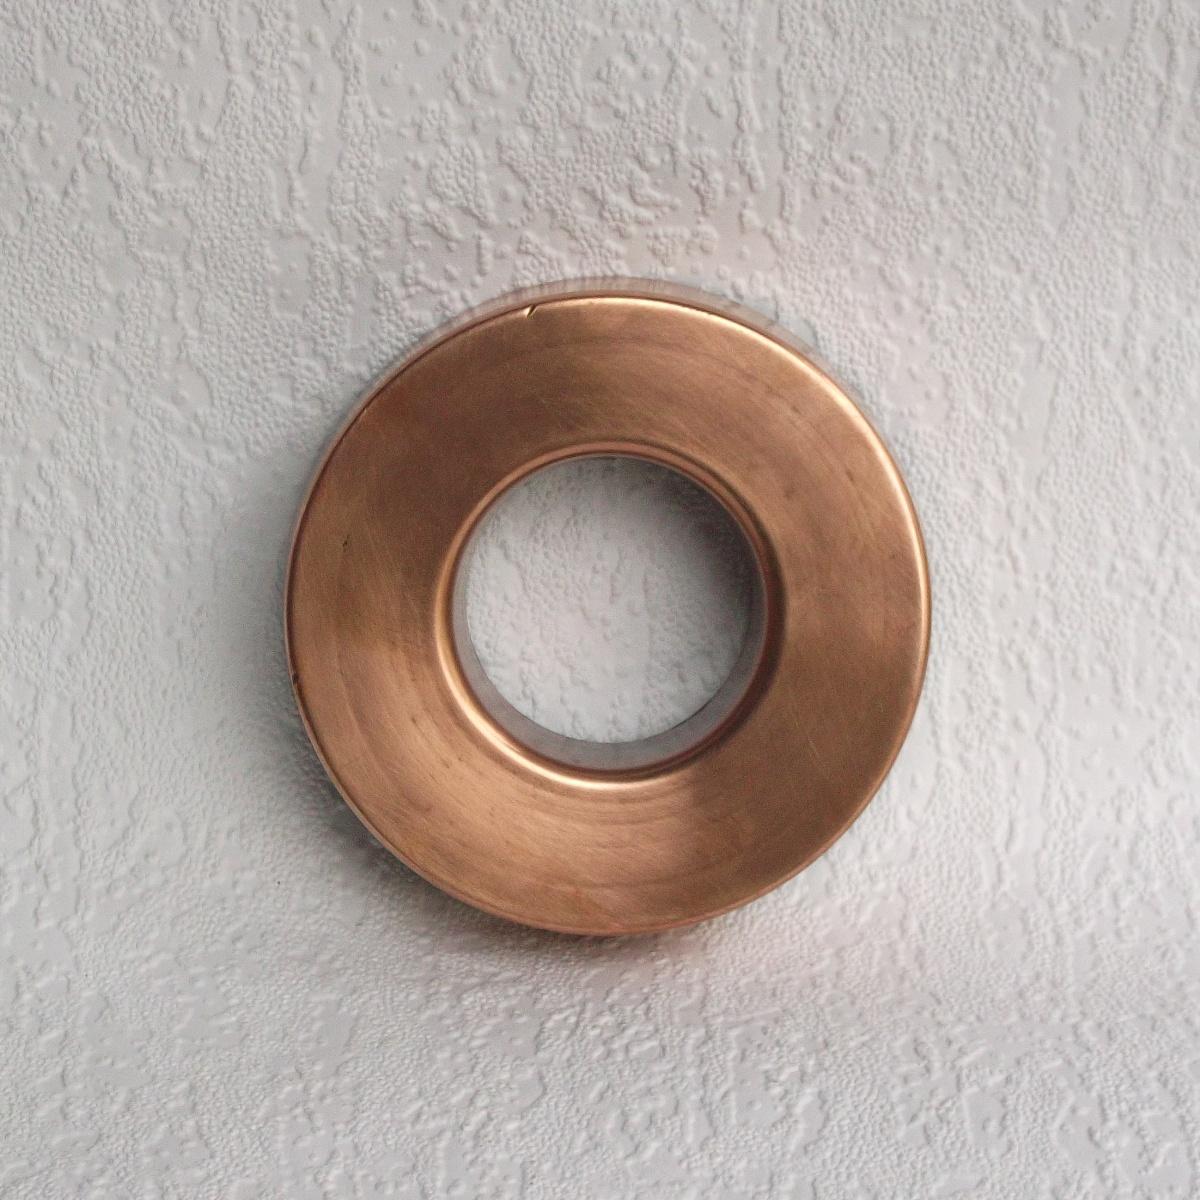 Moule a gateaux couronne en cuivre 2a